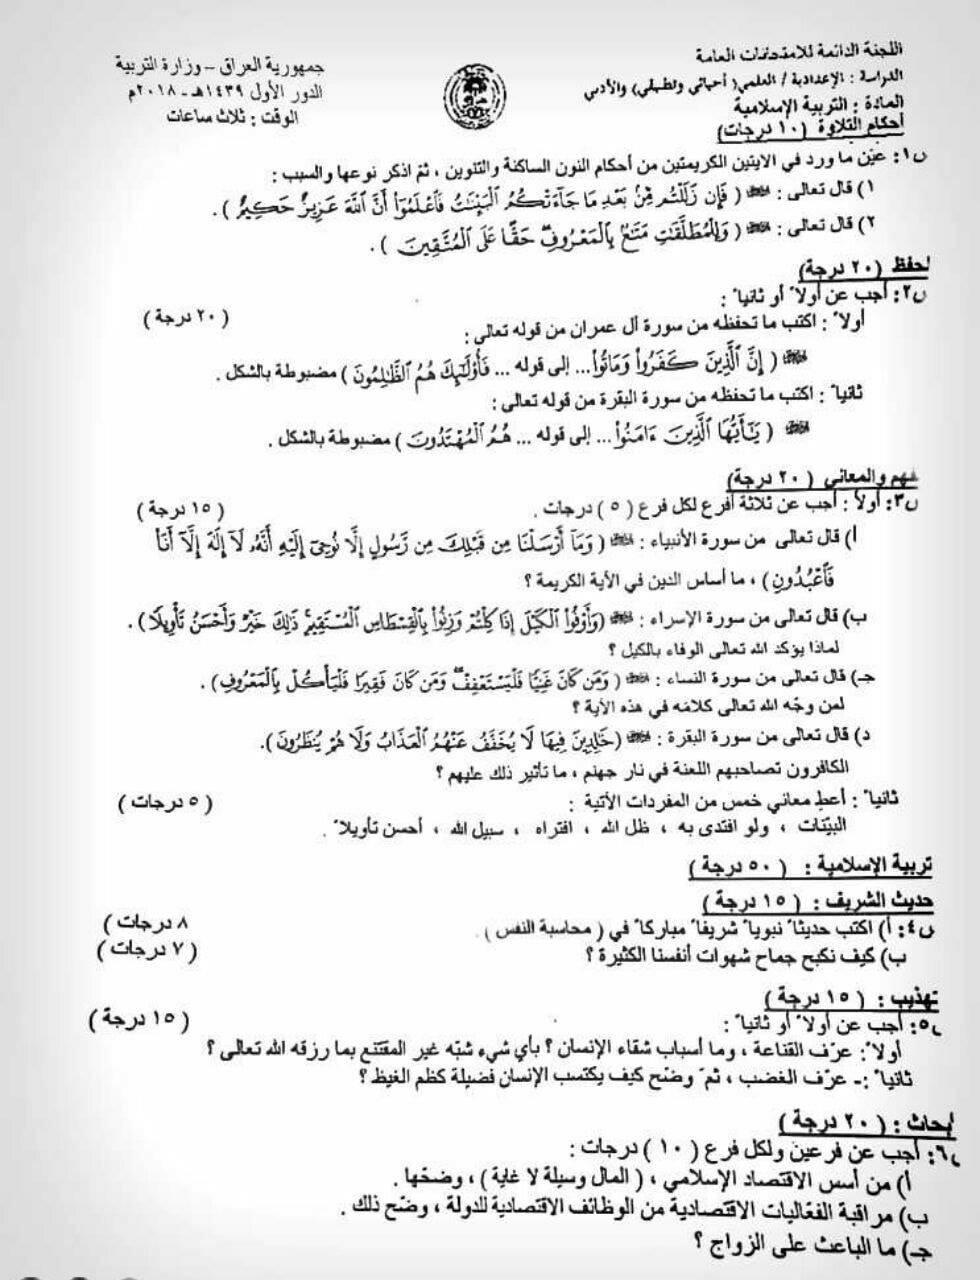 اسئلة الاسلامية المؤجلة للسادس اعدادي 2018